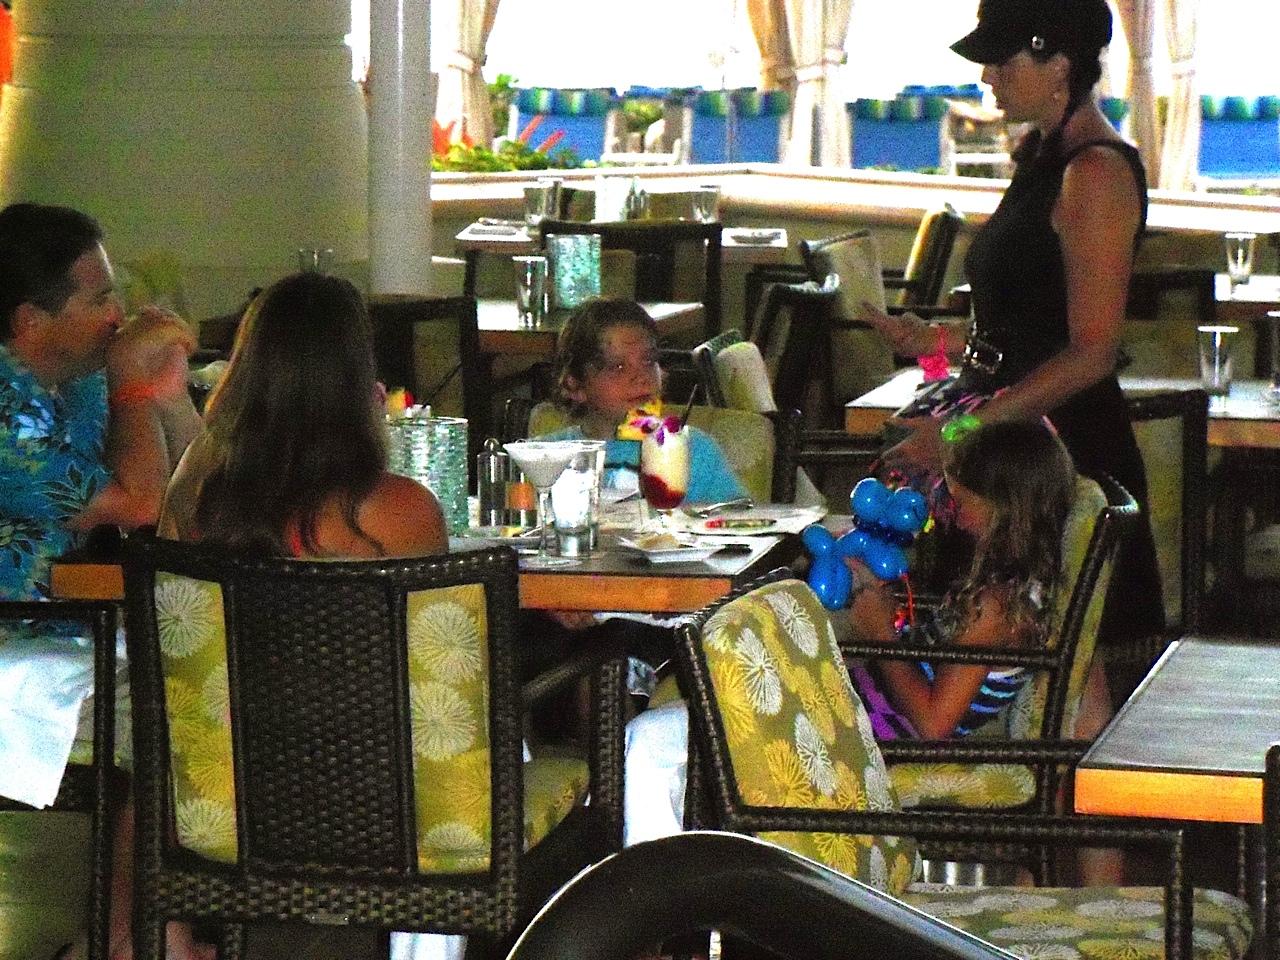 riki at table making balloons